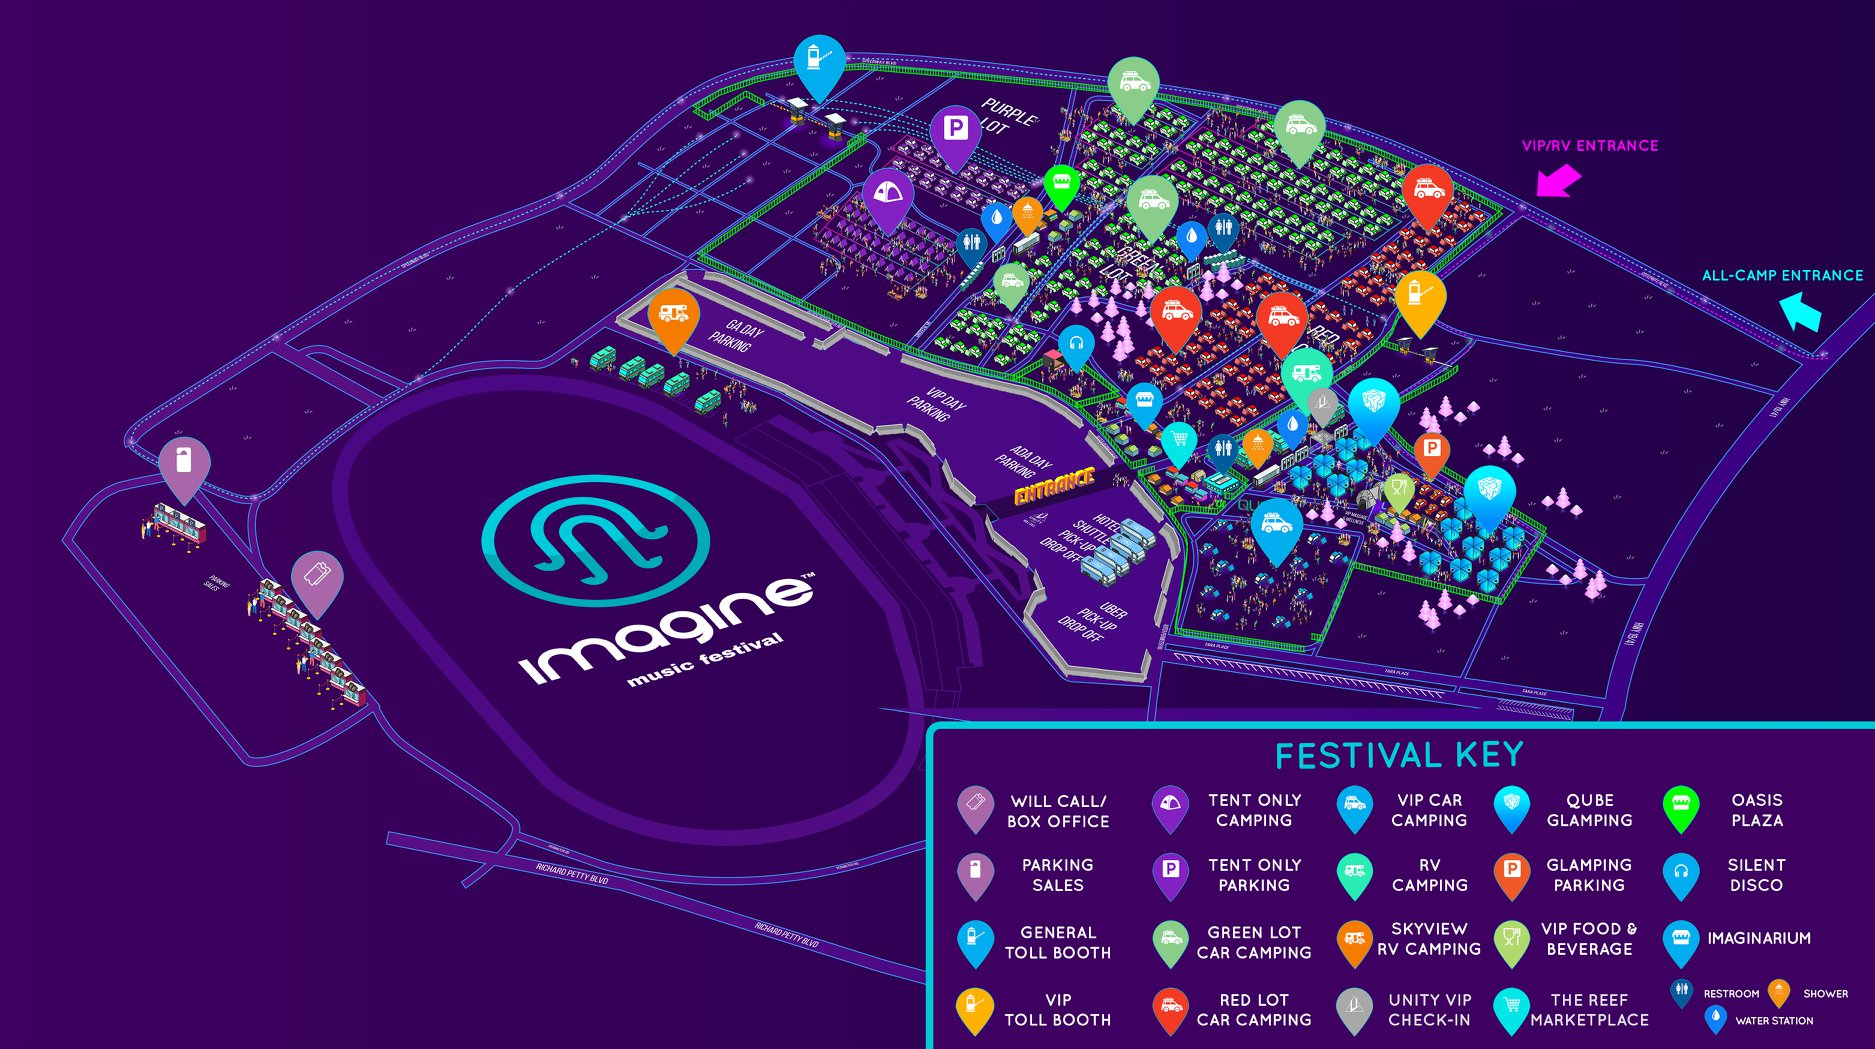 Imagine Festival 2018 Map